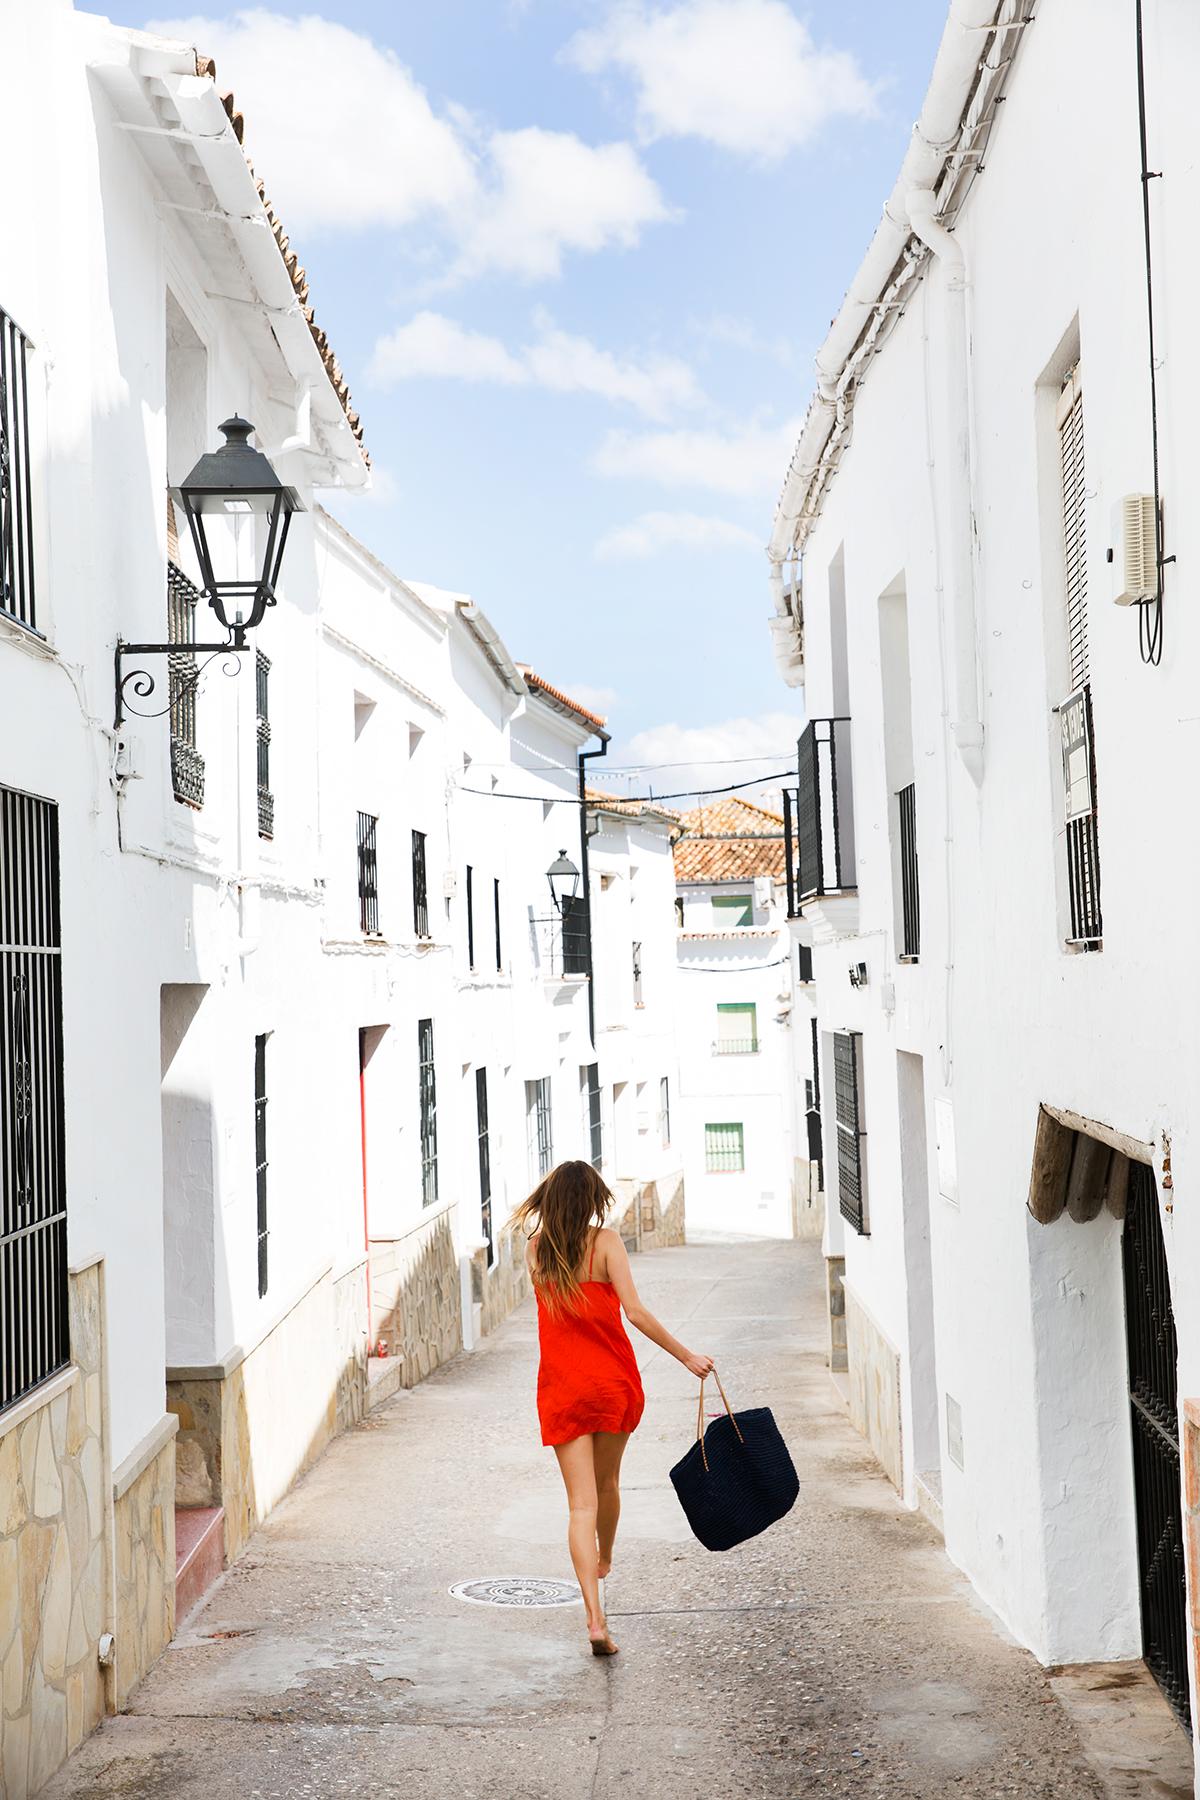 AndaluciaSpain_JG_4580.jpg